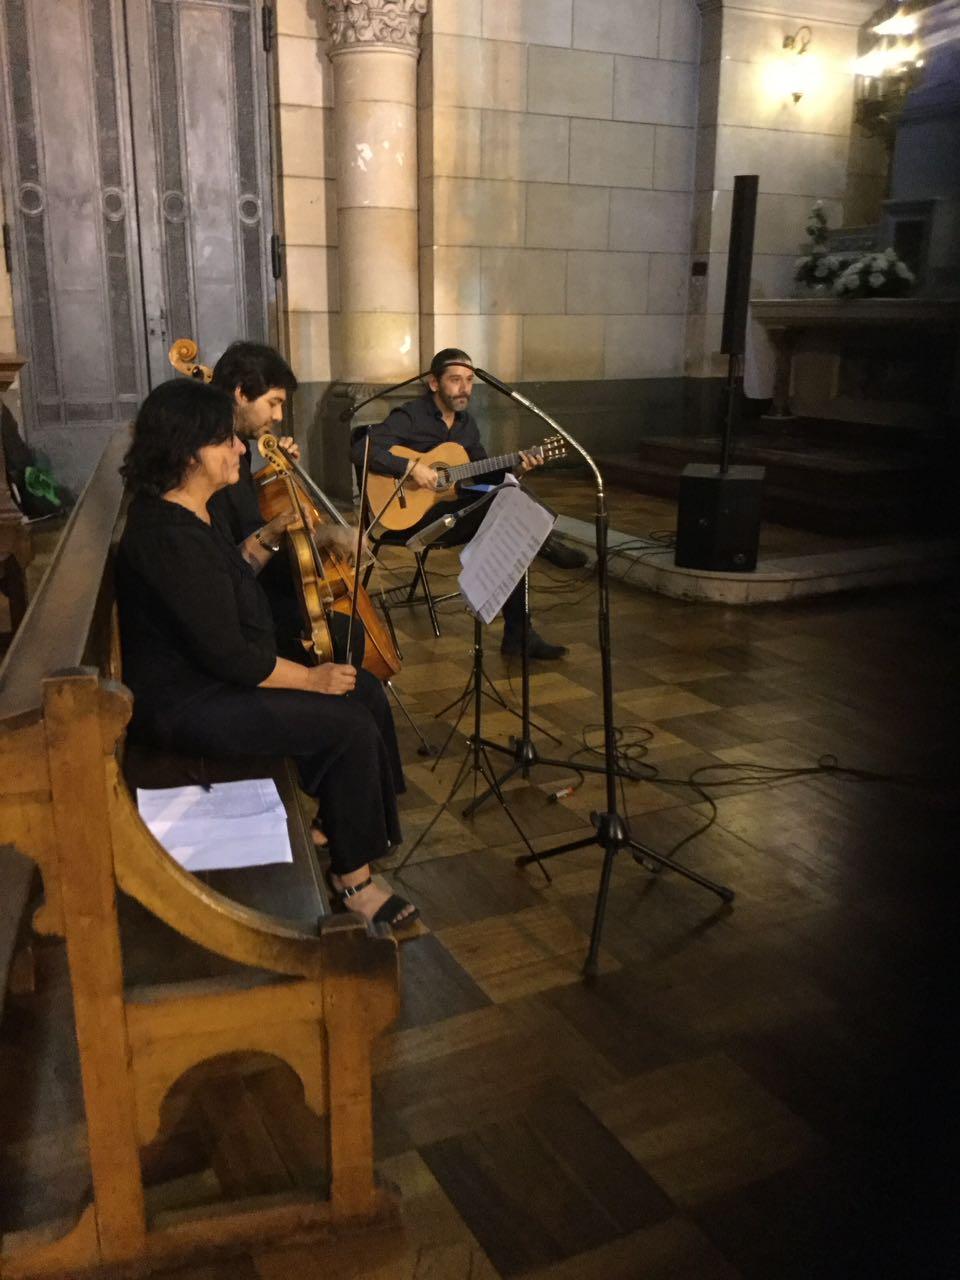 musica iglesia ceremonia musicos coro matrimonios wedding chile